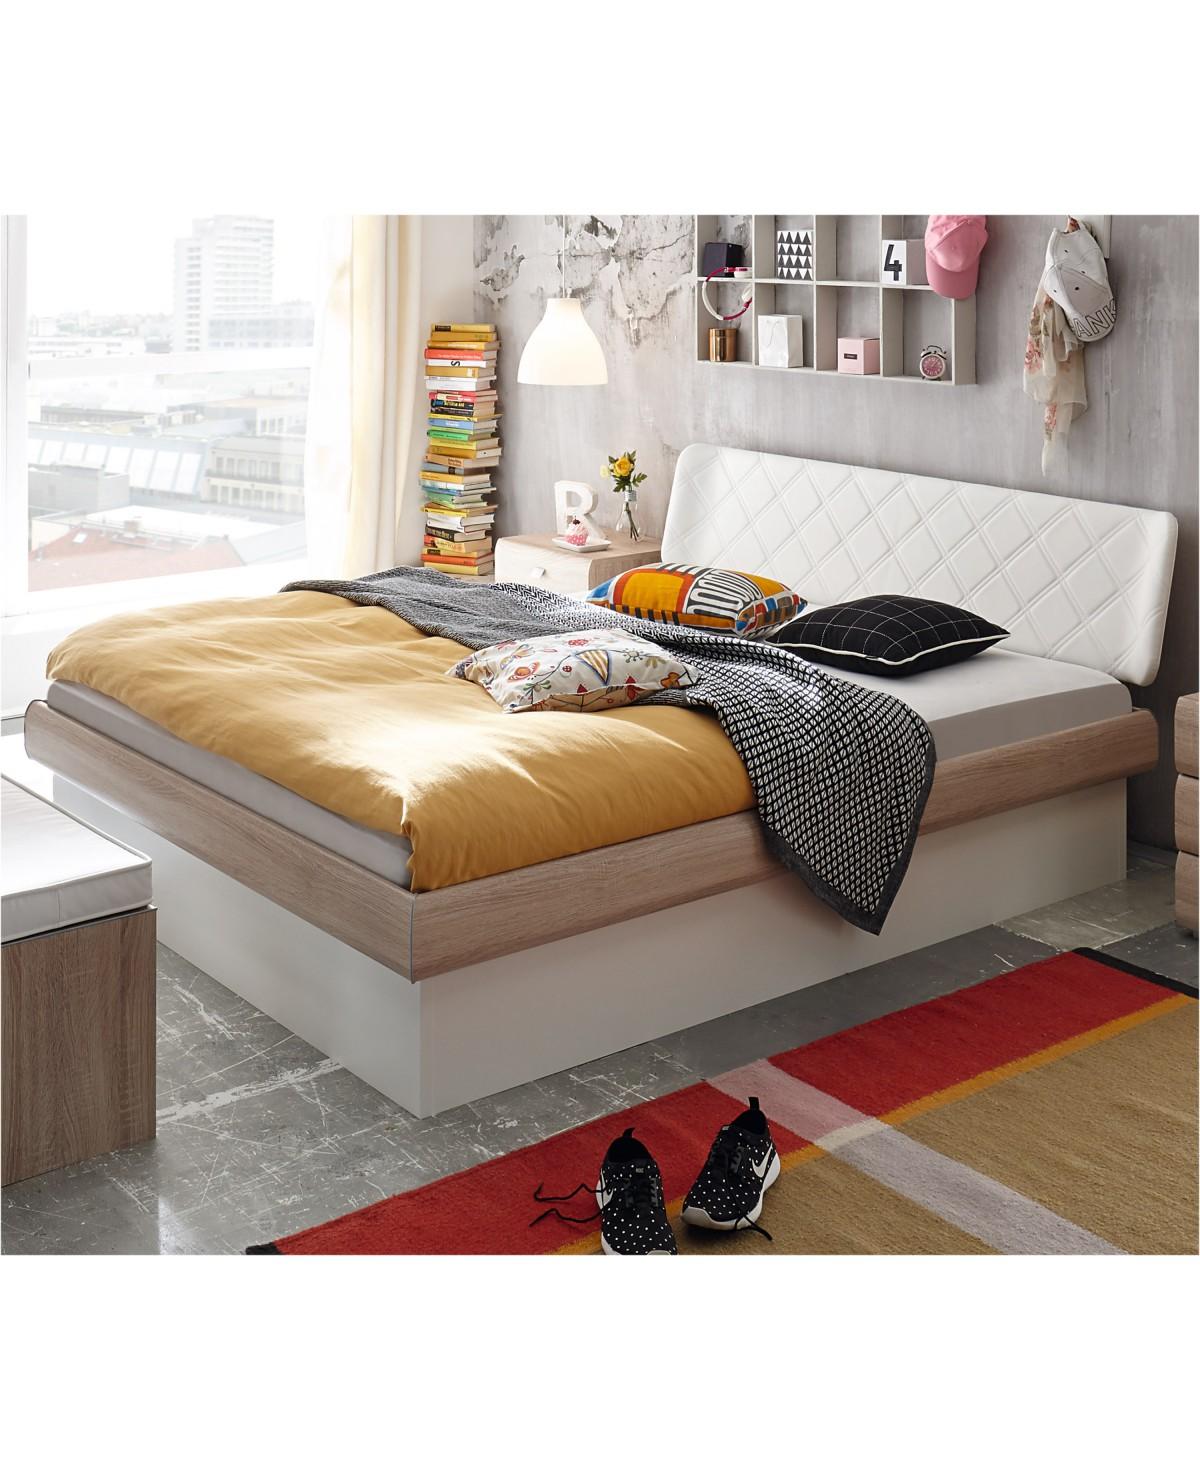 Full Size of Hasena Soft Line Stauraumbett Practico Boeiche Sgerauh Dekor Betten 200x200 Stauraum Bett Mit Bettkasten Komforthöhe Weiß Wohnzimmer Stauraumbett 200x200